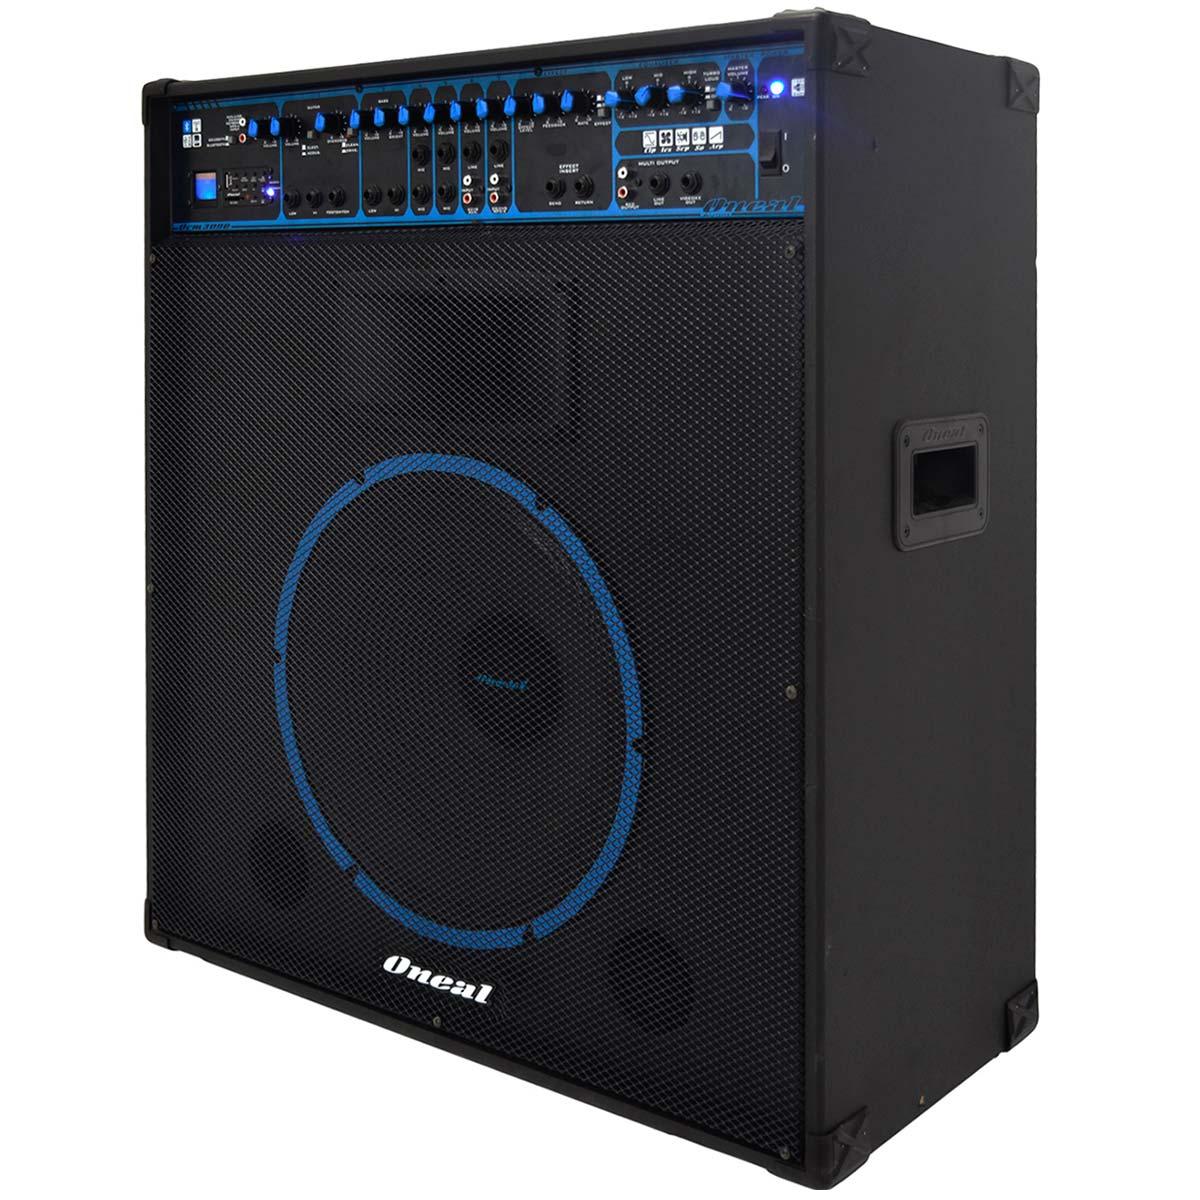 Cubo Multiuso Fal 15 Pol 300W c/ USB / Bluetooth - OCM 3090 Oneal